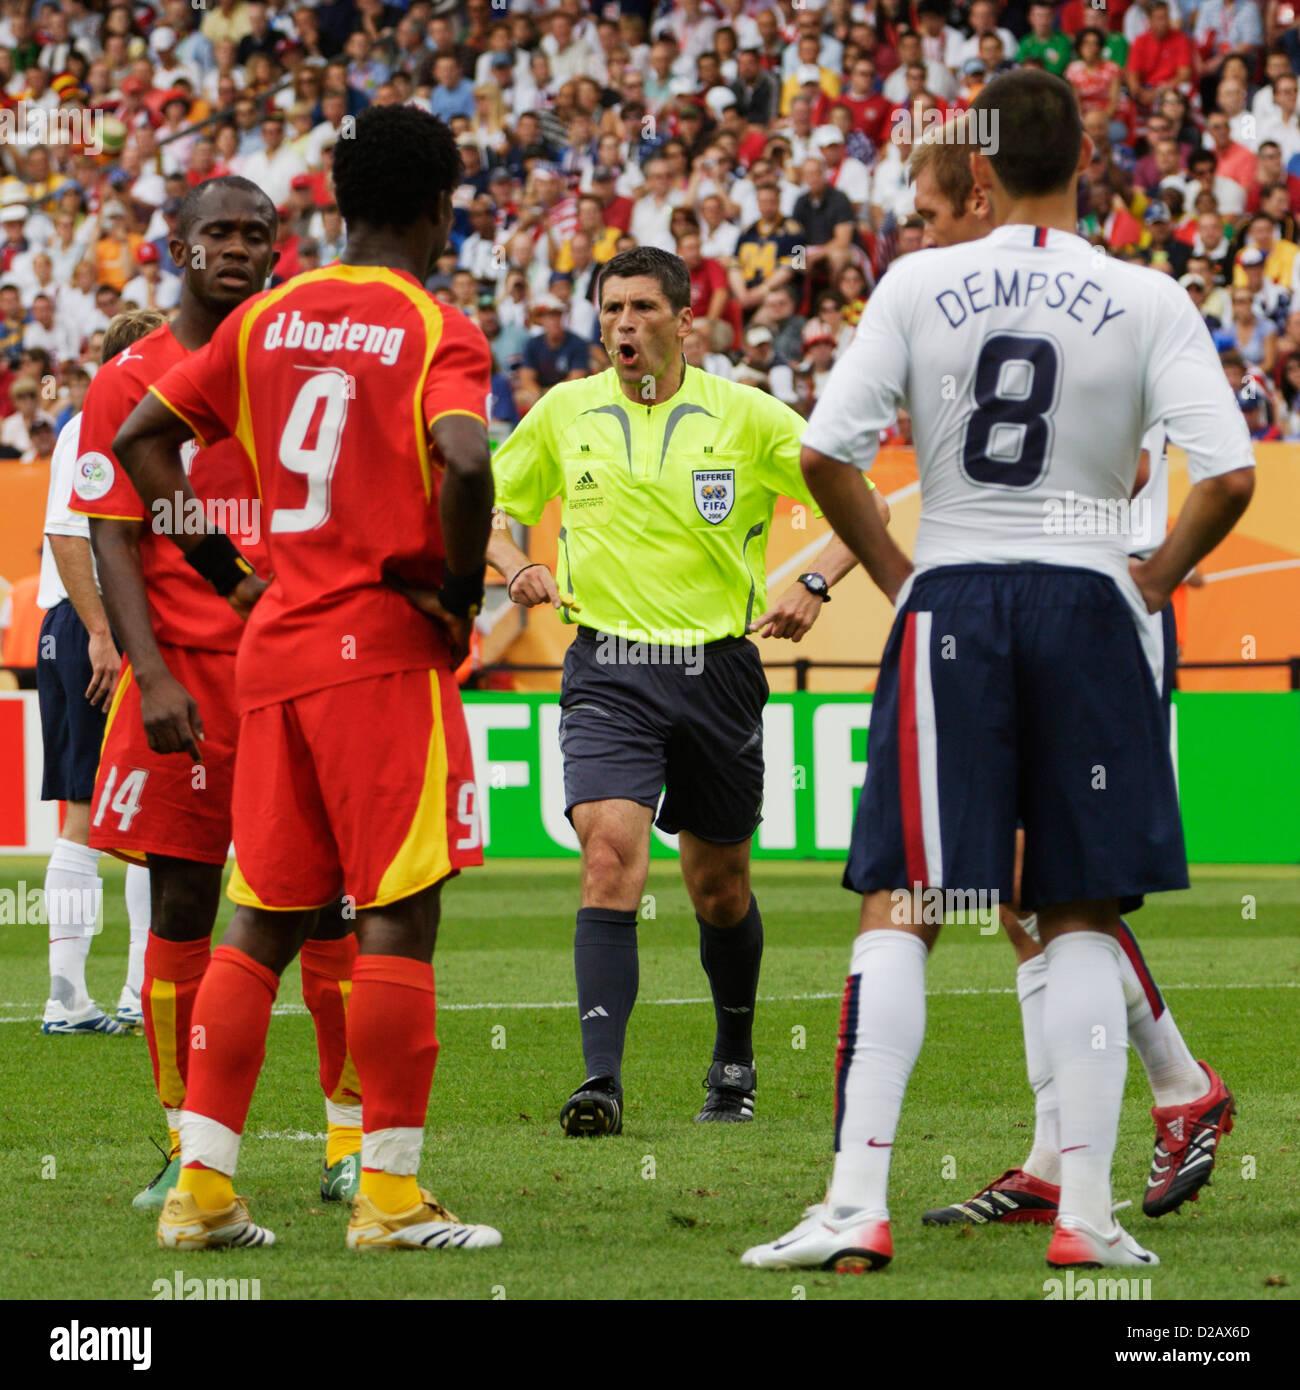 L'arbitre Markus Merk (GER) met en garde les joueurs pendant la Coupe du Monde de football Groupe E match entre le Ghana et les États-Unis. Banque D'Images